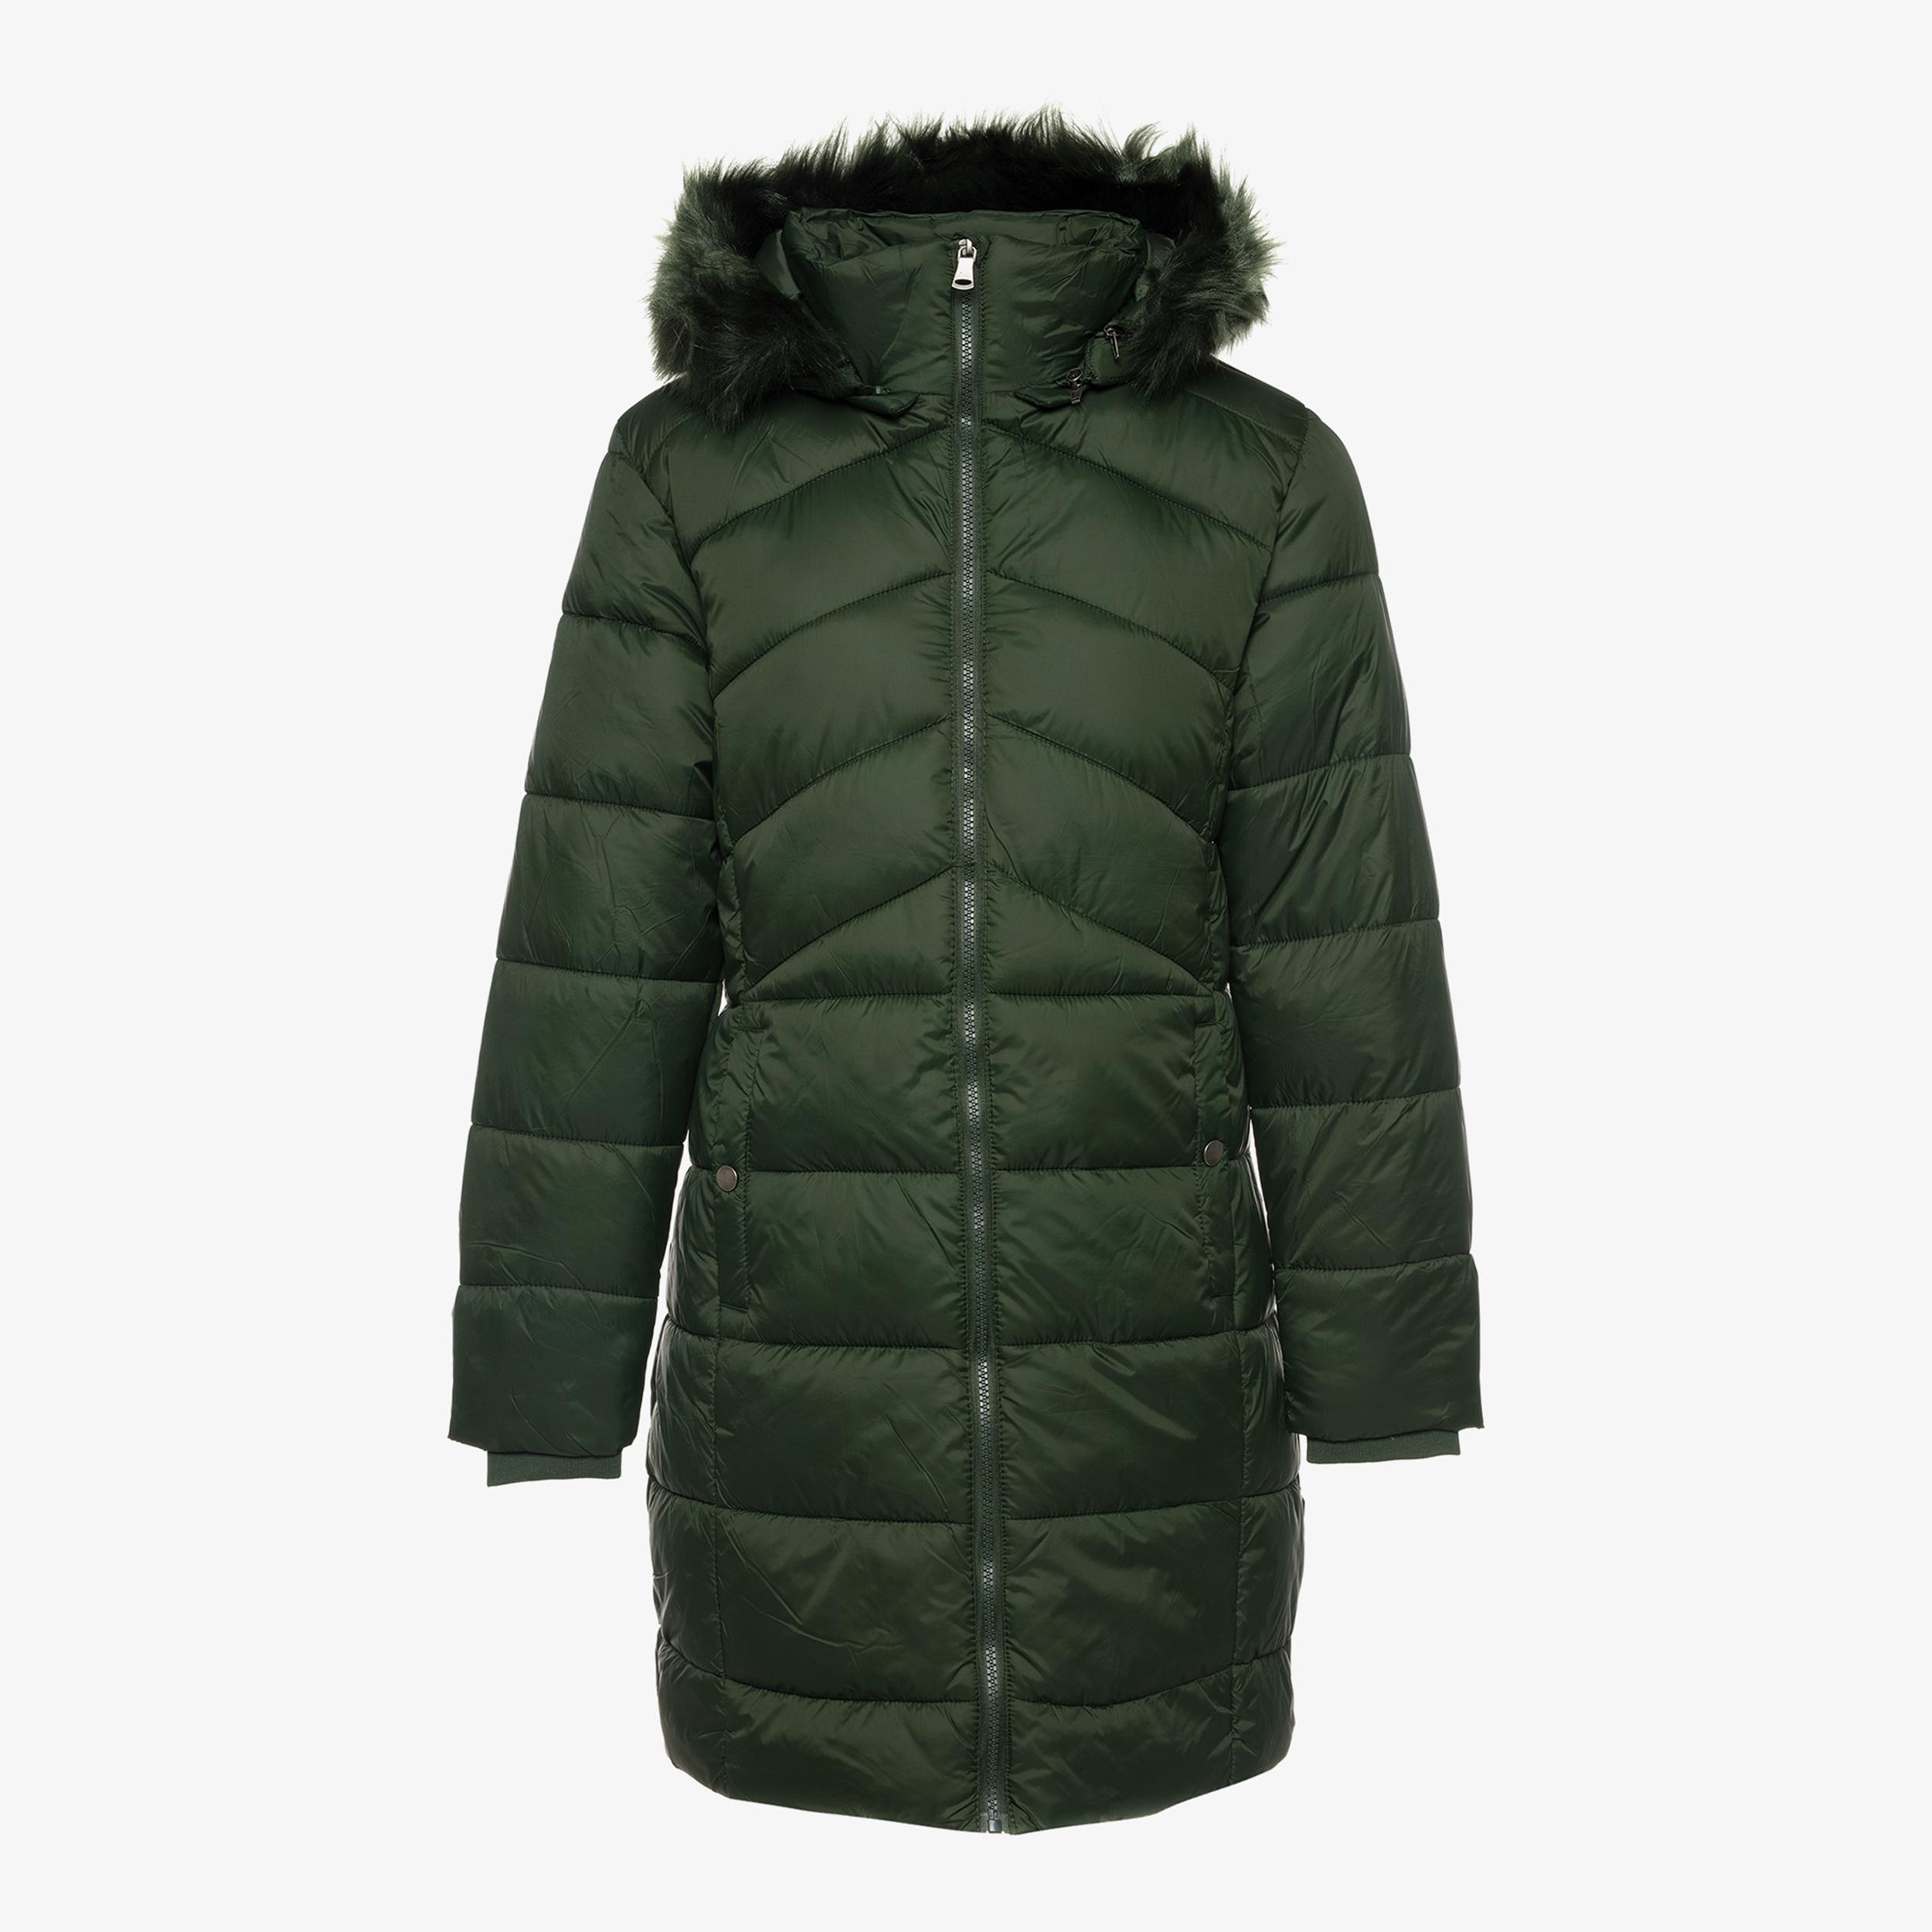 Jazlyn gewatteerde dames winterjas online bestellen | Scapino